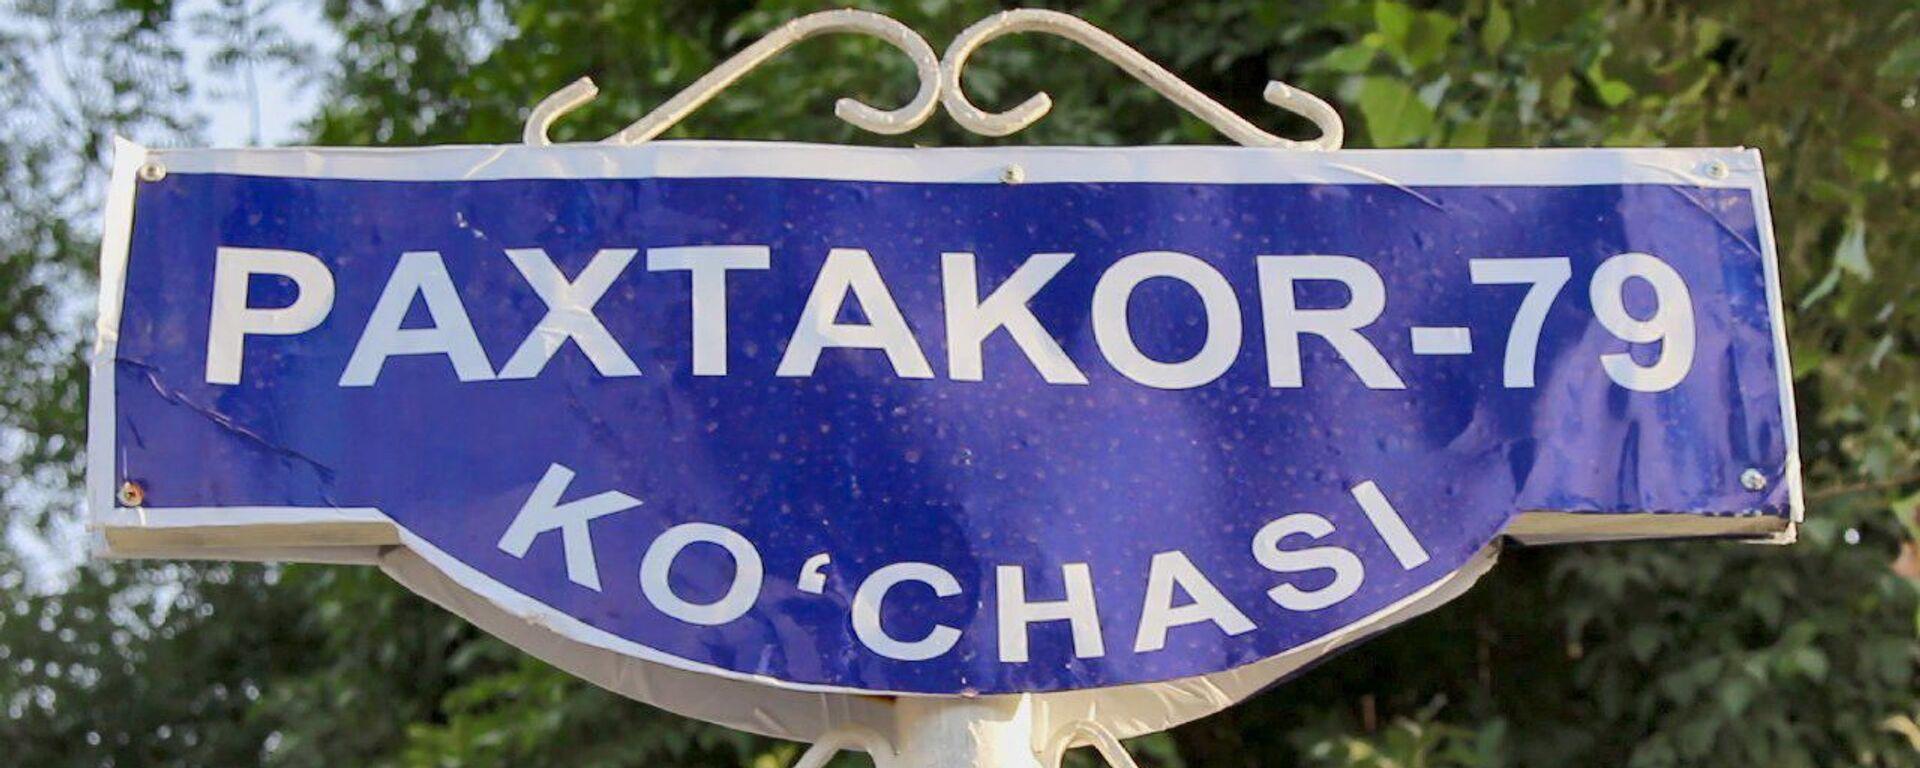 Улица Пахтакор-79 в Ташкенте - Sputnik Узбекистан, 1920, 09.08.2019